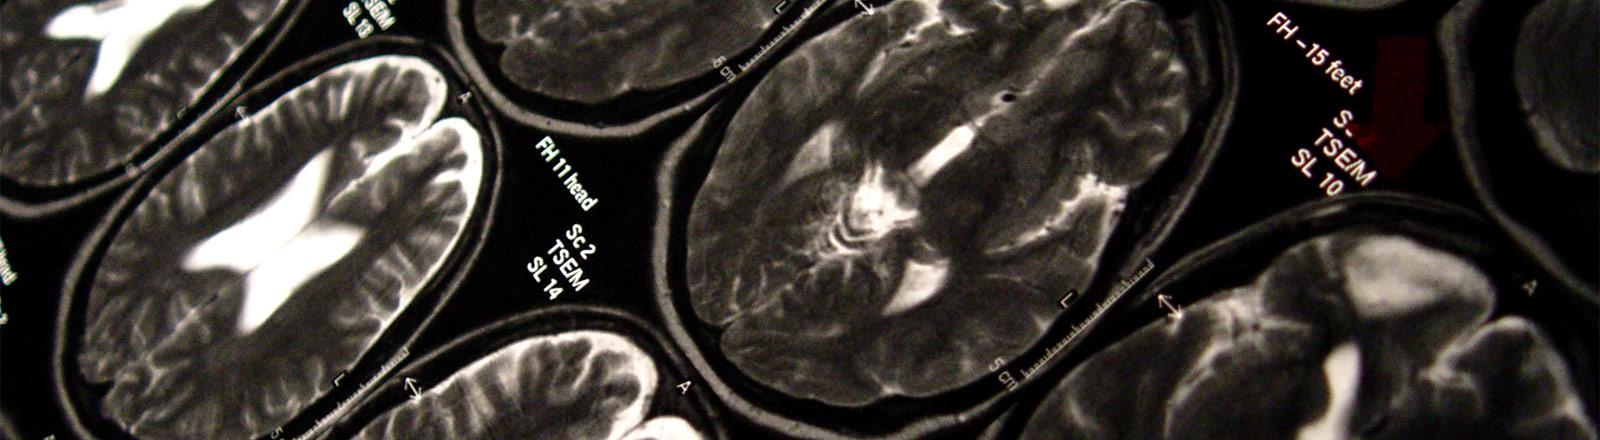 Aufnahme eines Gehirn aus einem Kernspintomografen